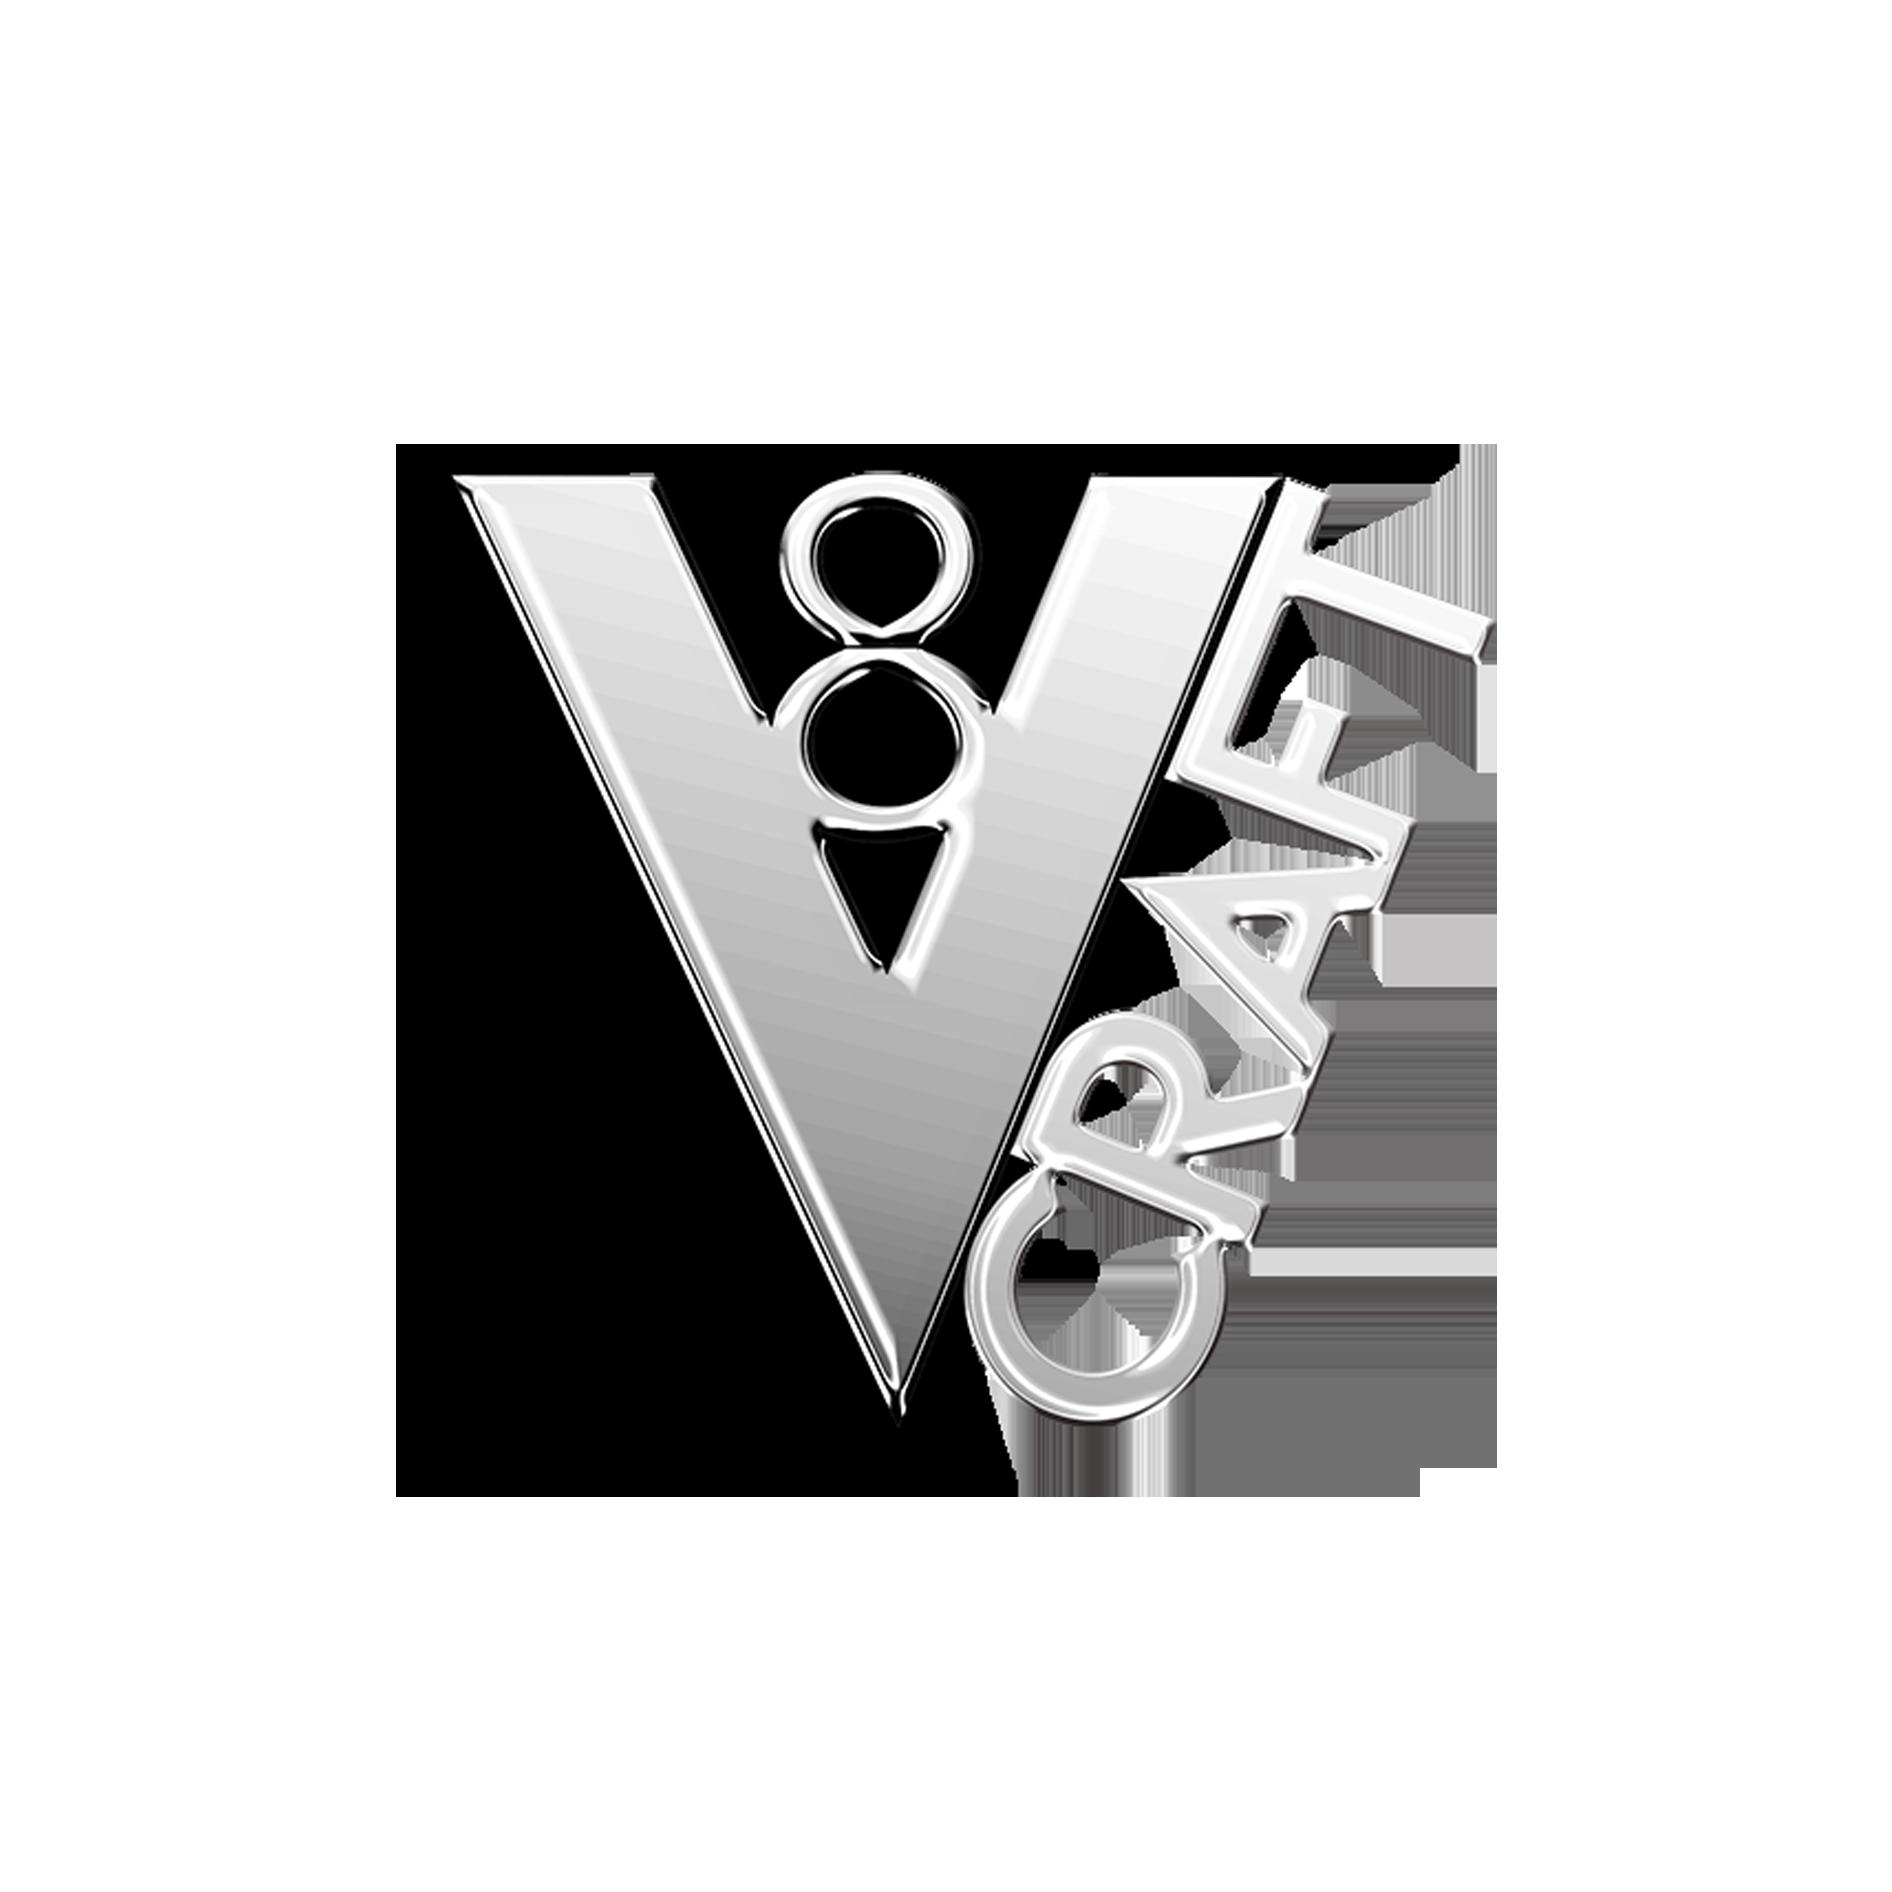 V8Craft